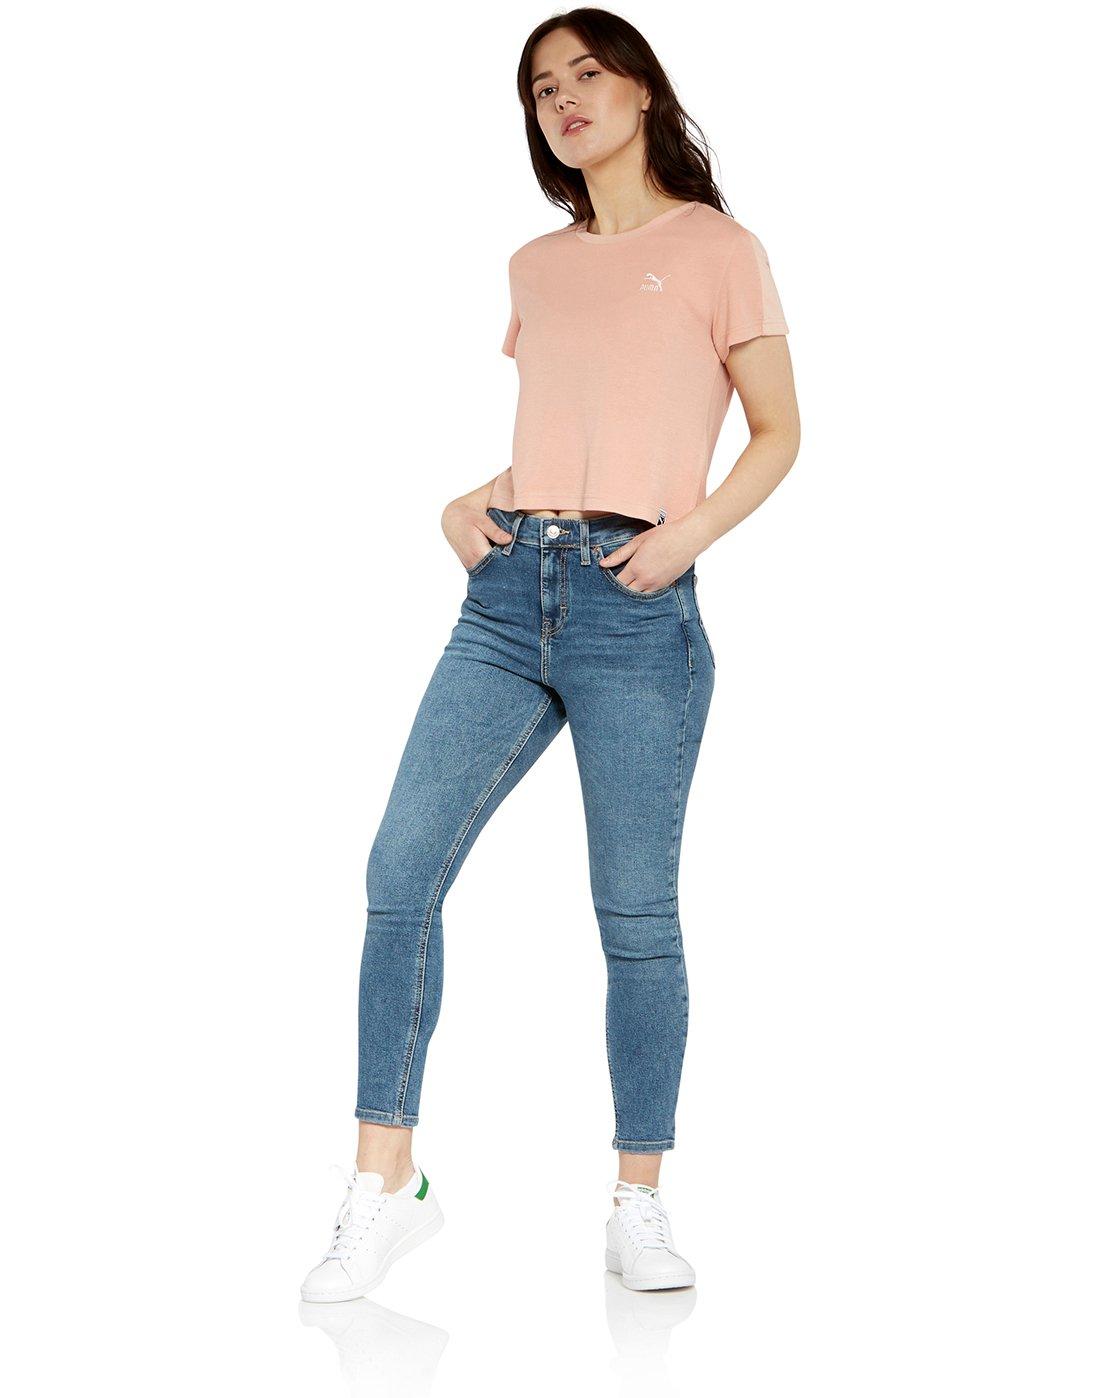 d3182ee8e14d ... Womens Classic Structured T-Shirt ...